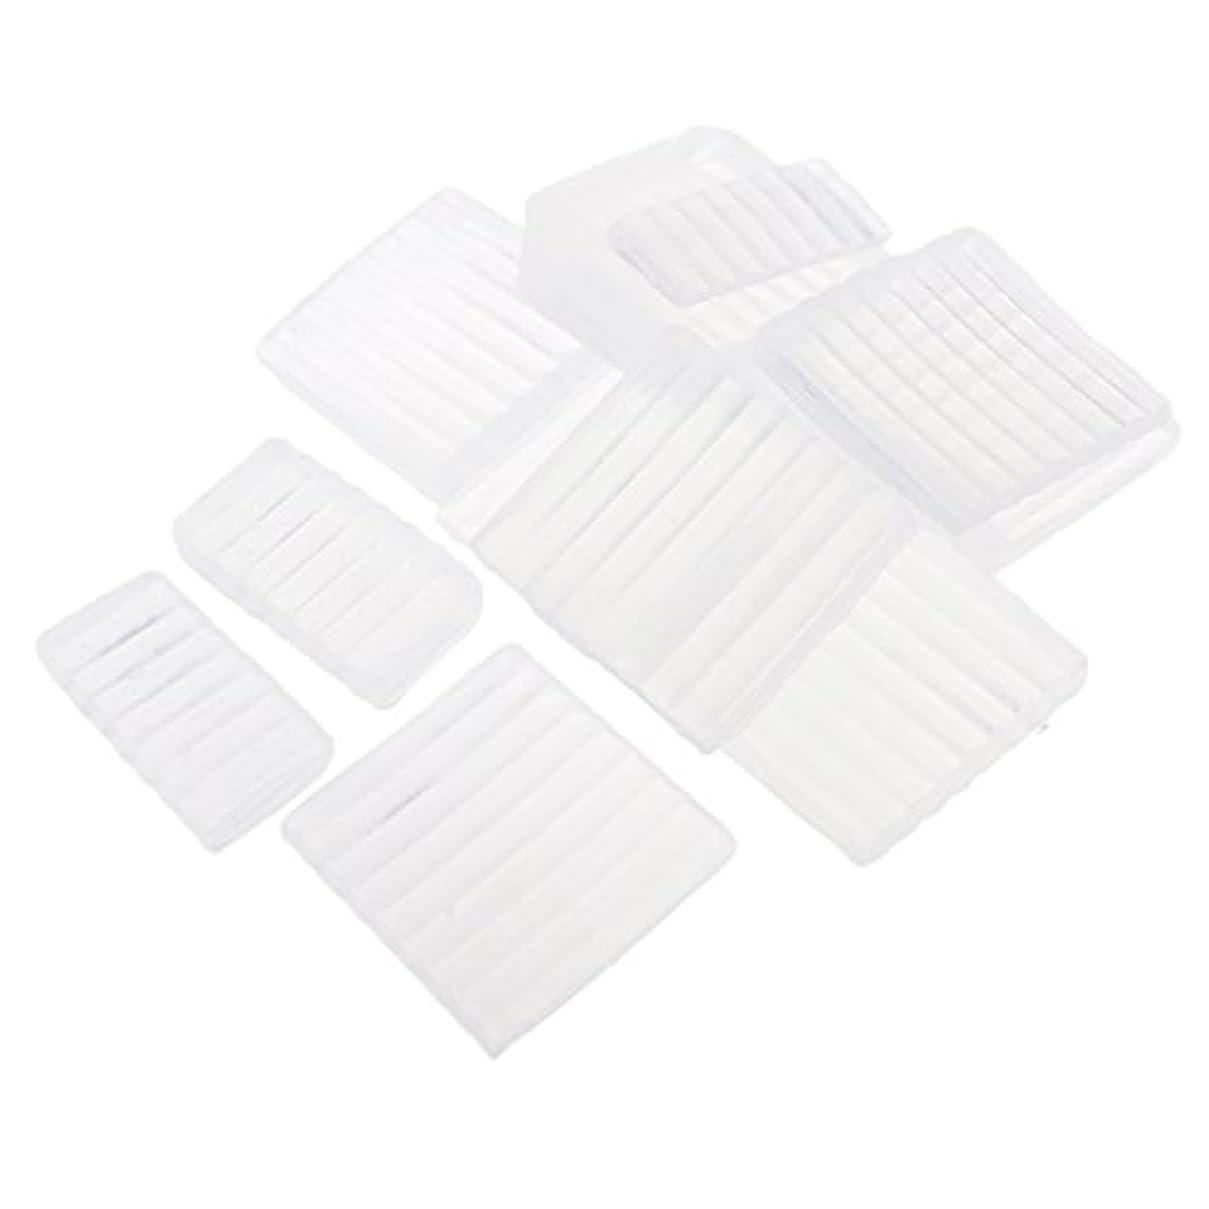 防ぐうねるダイアクリティカル約500g ホワイト 透明 石鹸ベース DIY 手作り 石鹸 材料